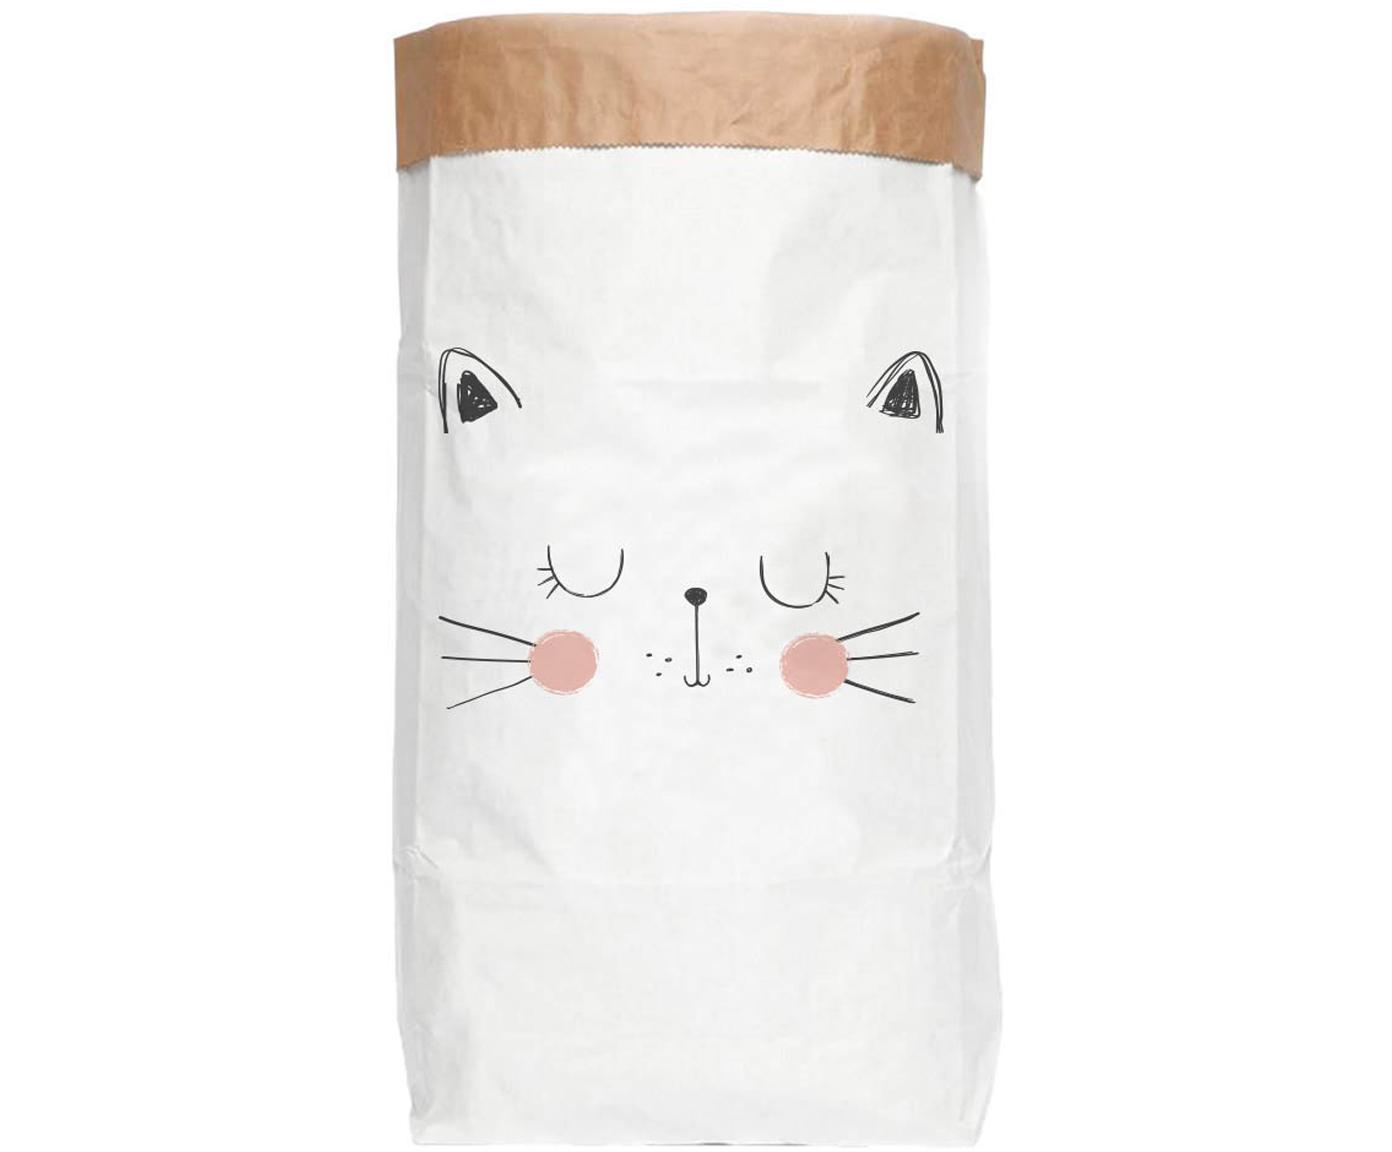 Torba do przechowywania Cat, Papier recyklingowy, Biały, czarny, blady różowy, S 60 x W 90 cm